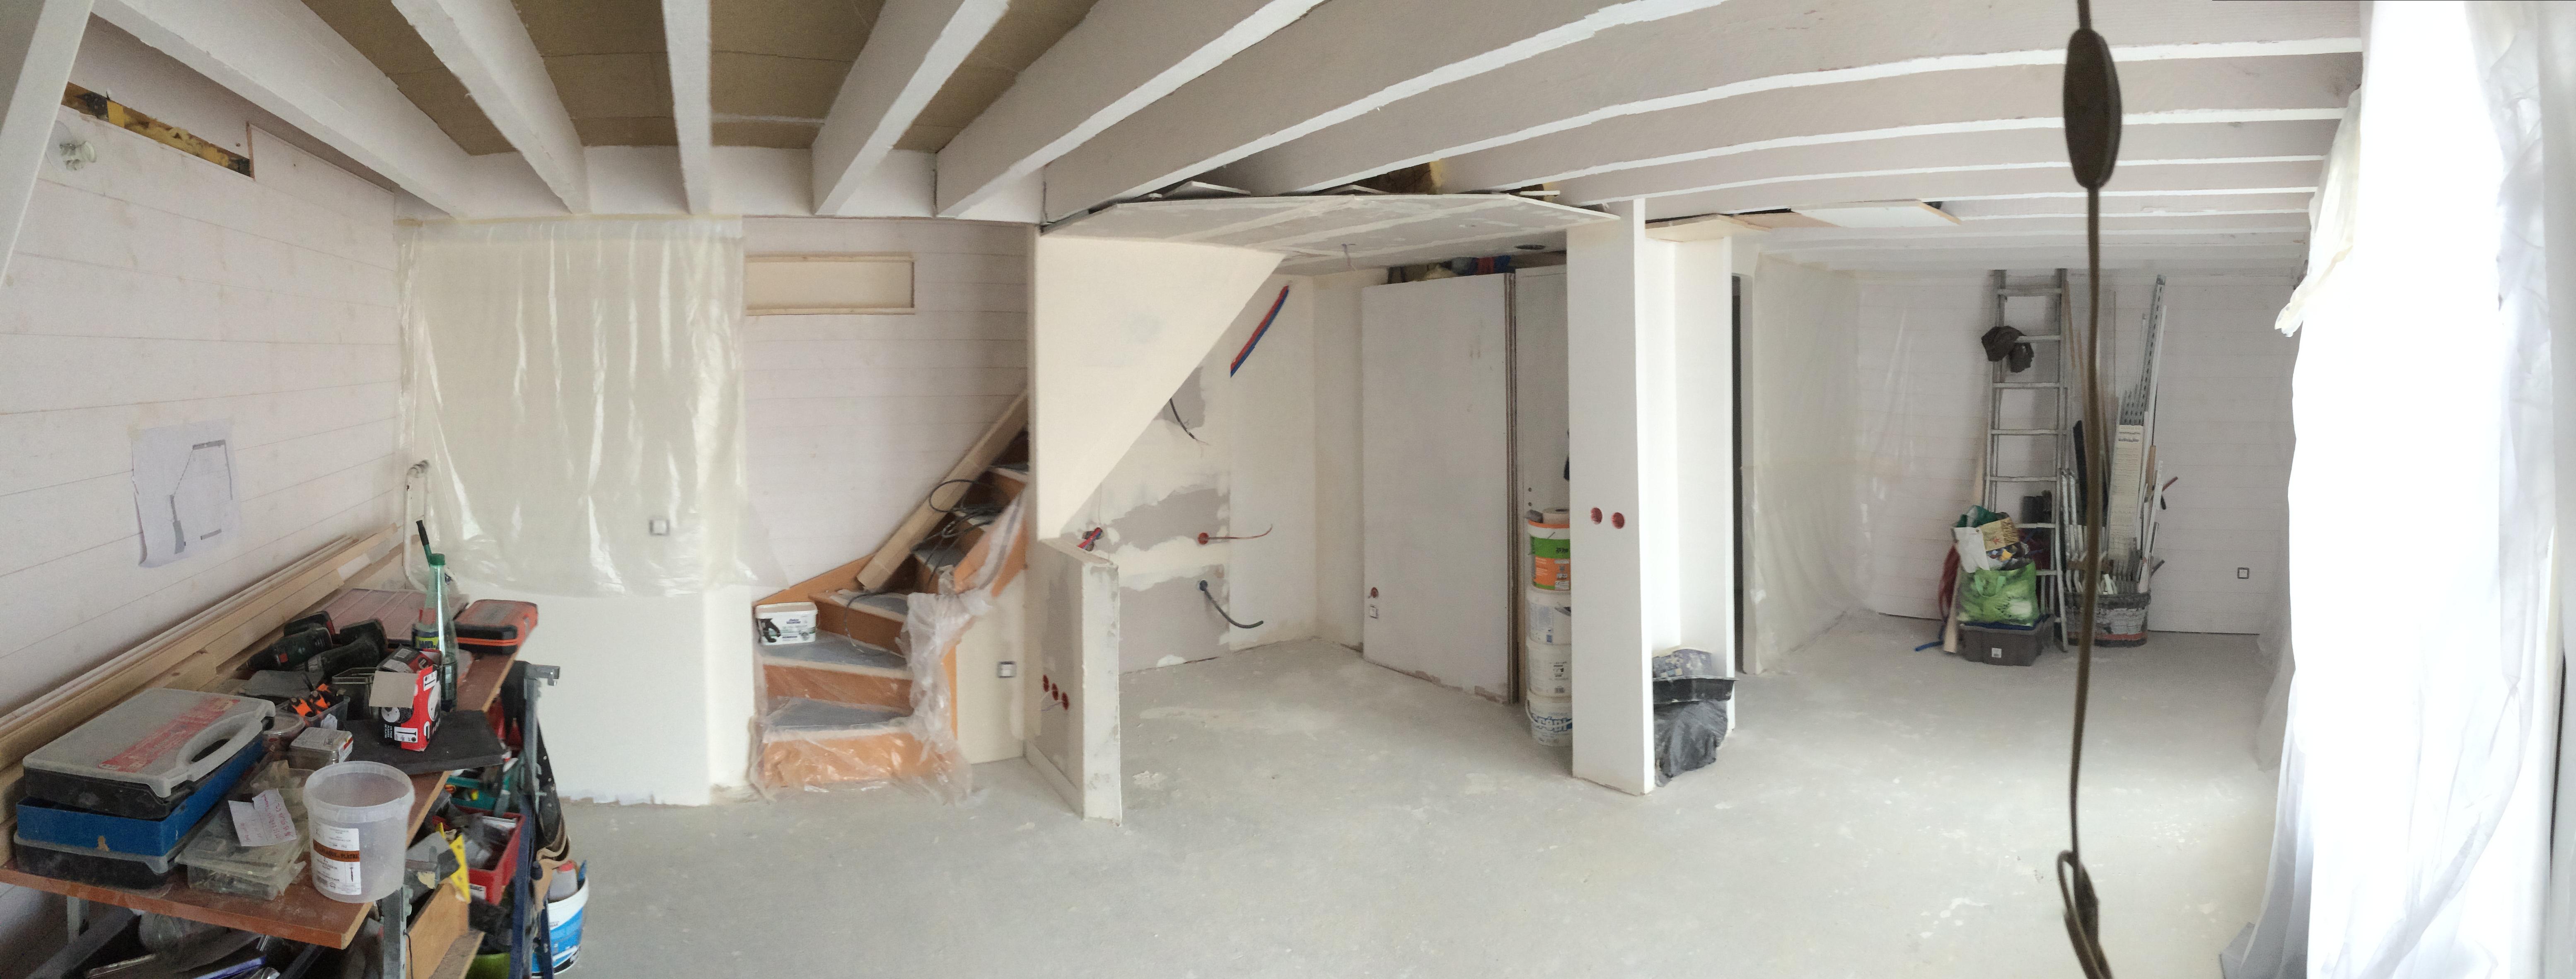 Vue du chantier en intérieur